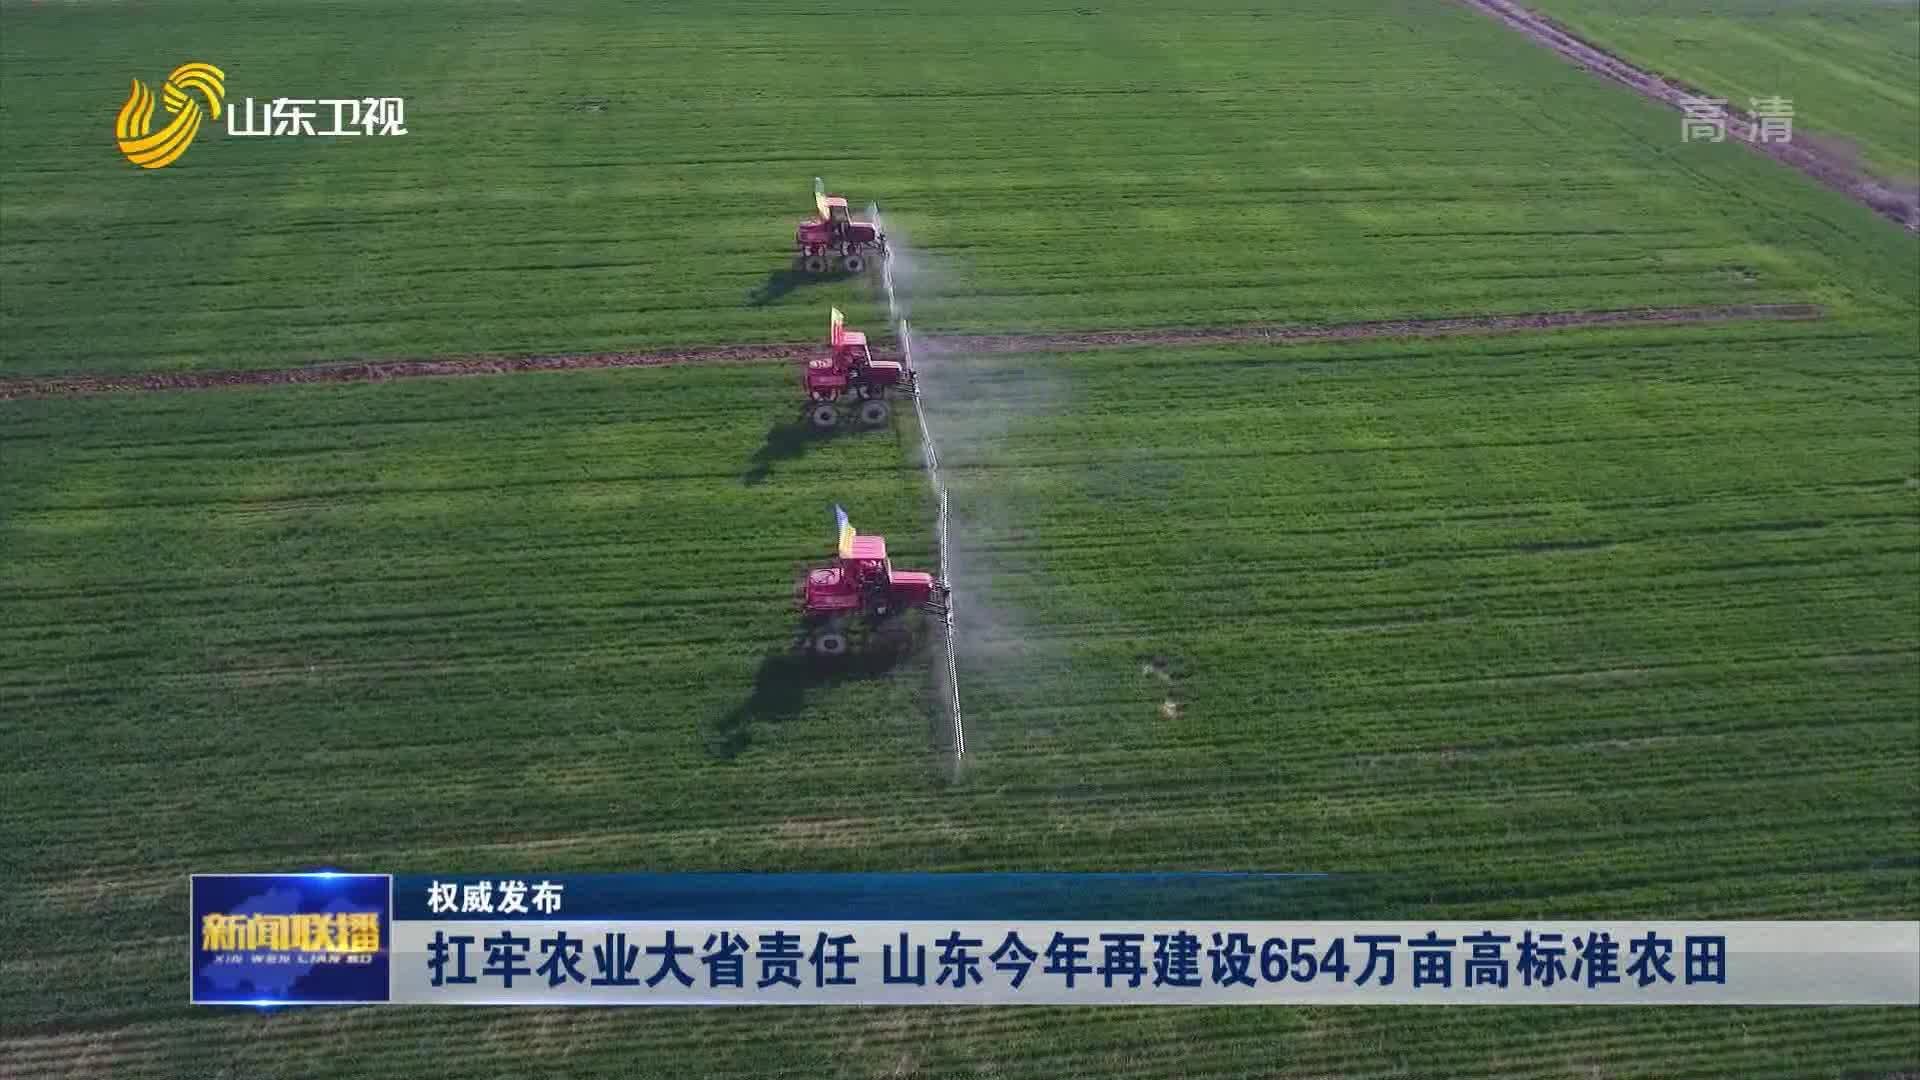 【权威发布】扛牢农业大省责任 山东今年再建设654万亩高标准农田